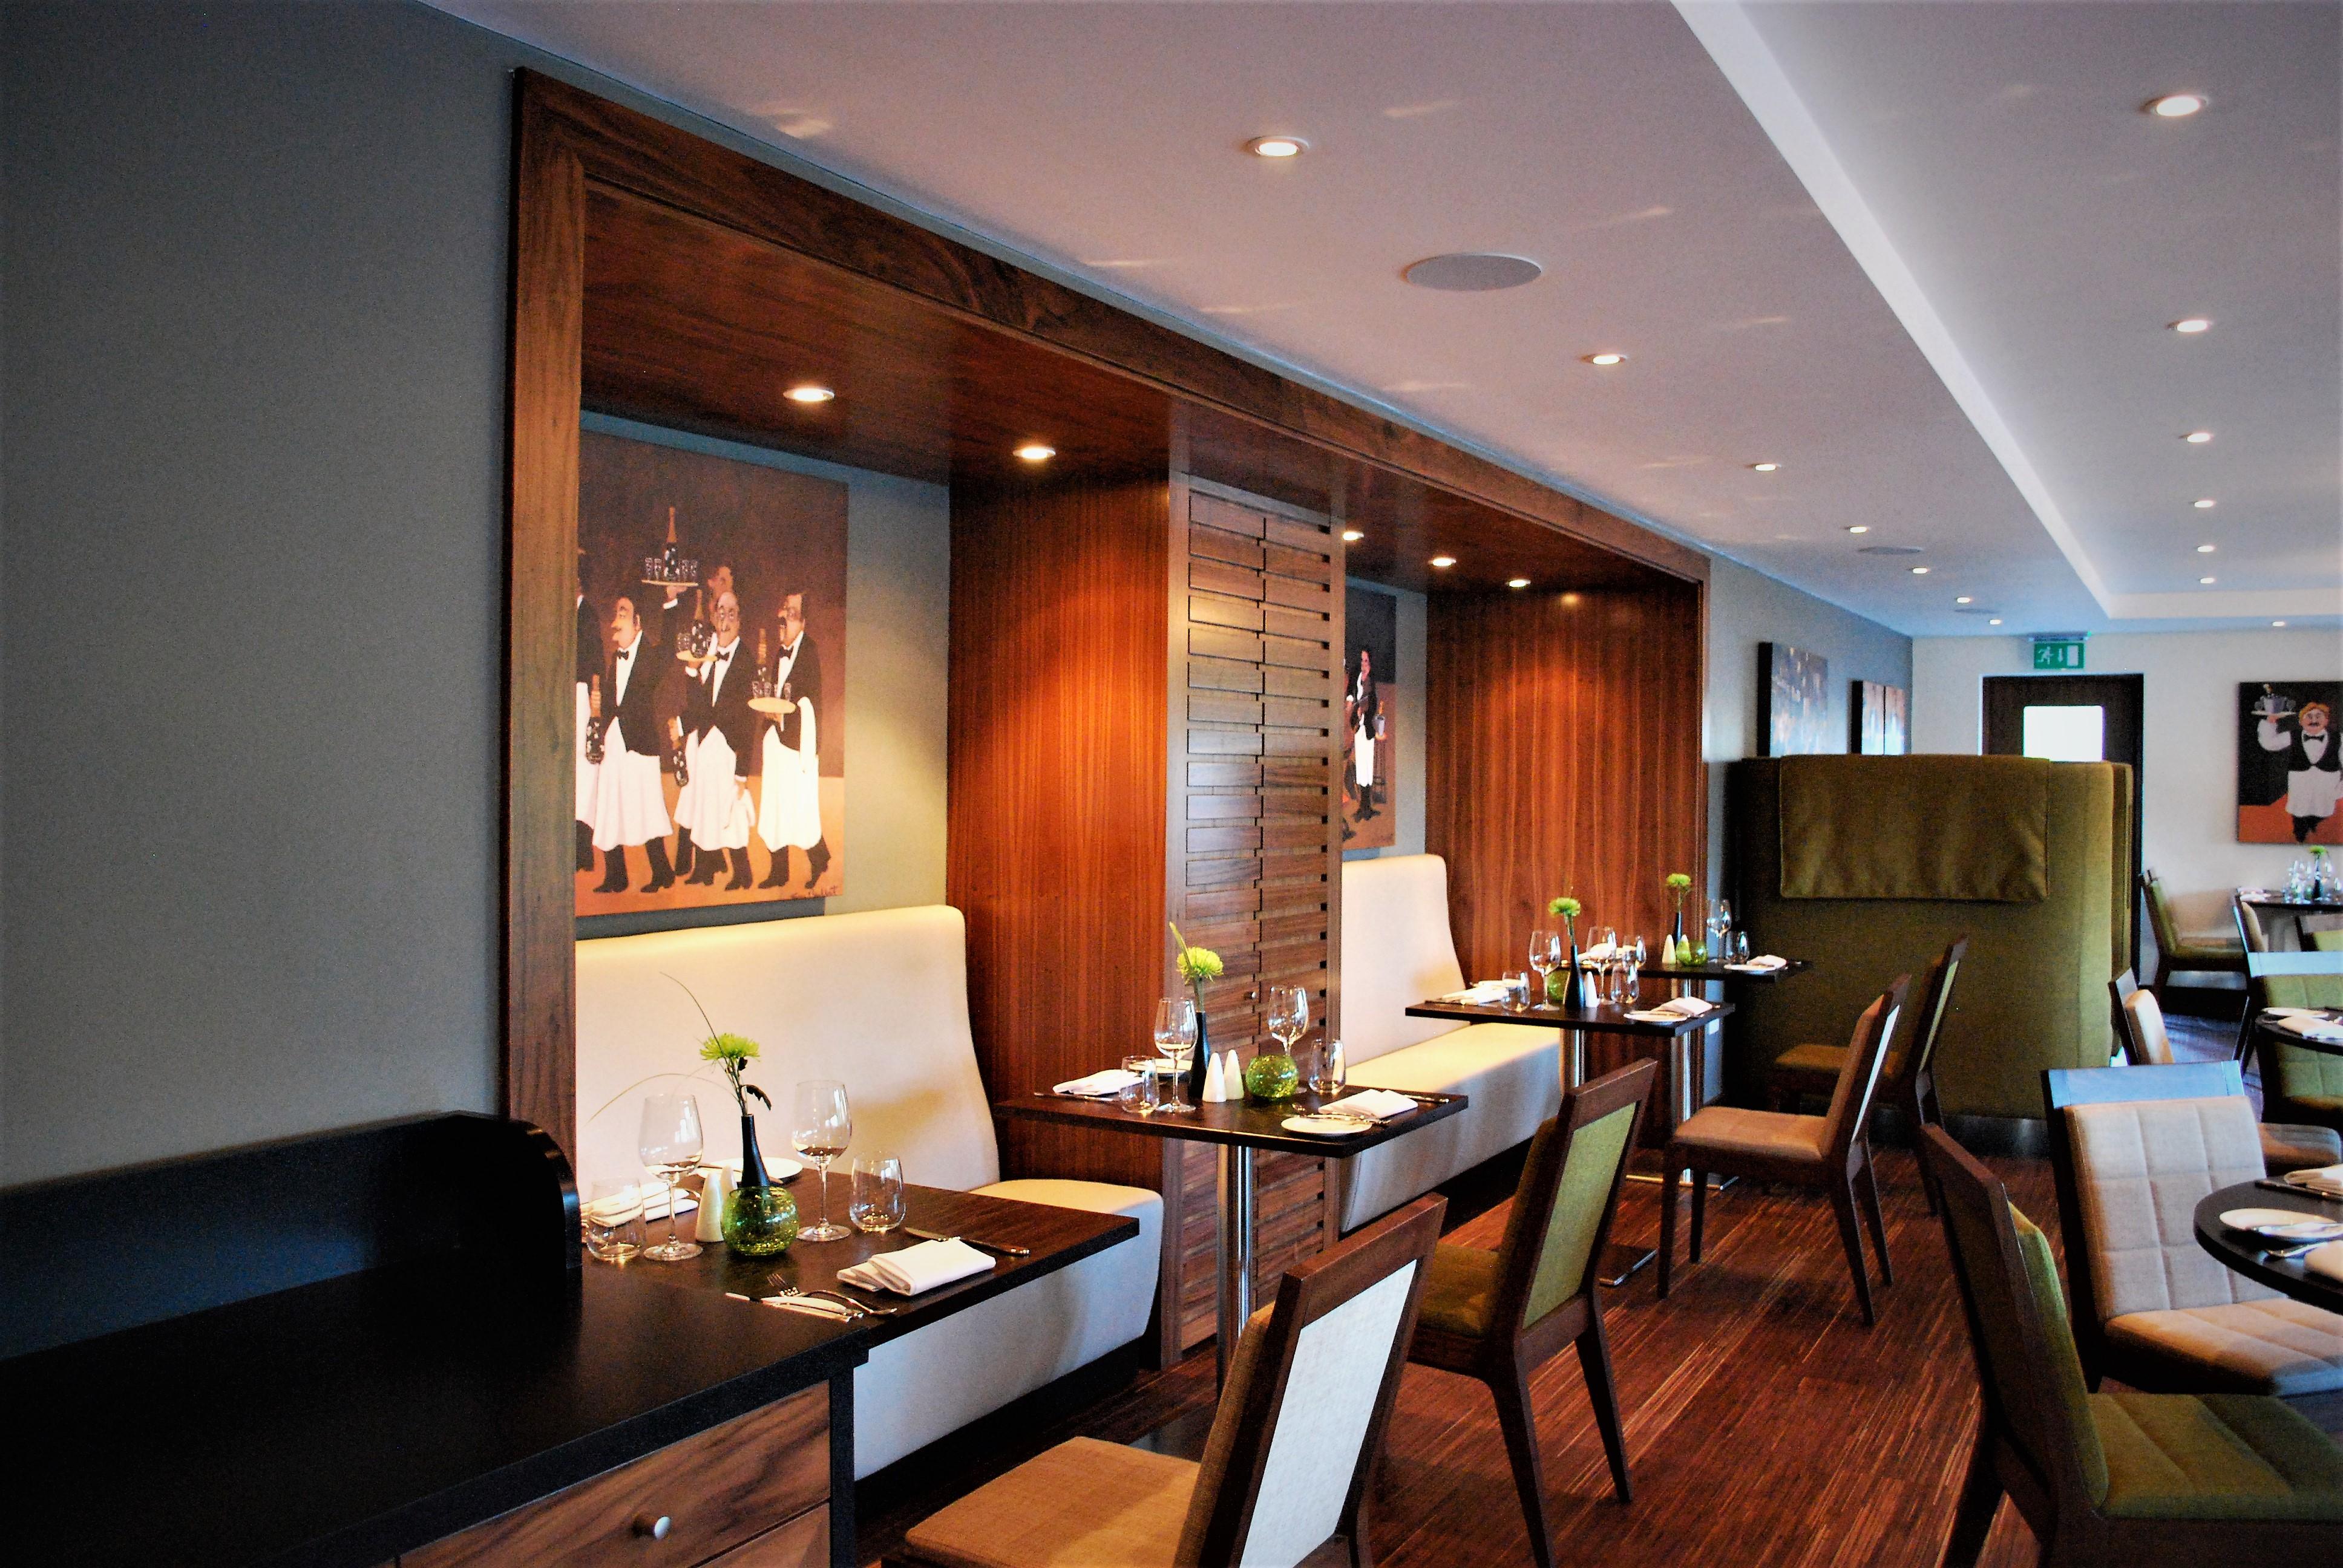 Hemel Dining Room 003 Commercial